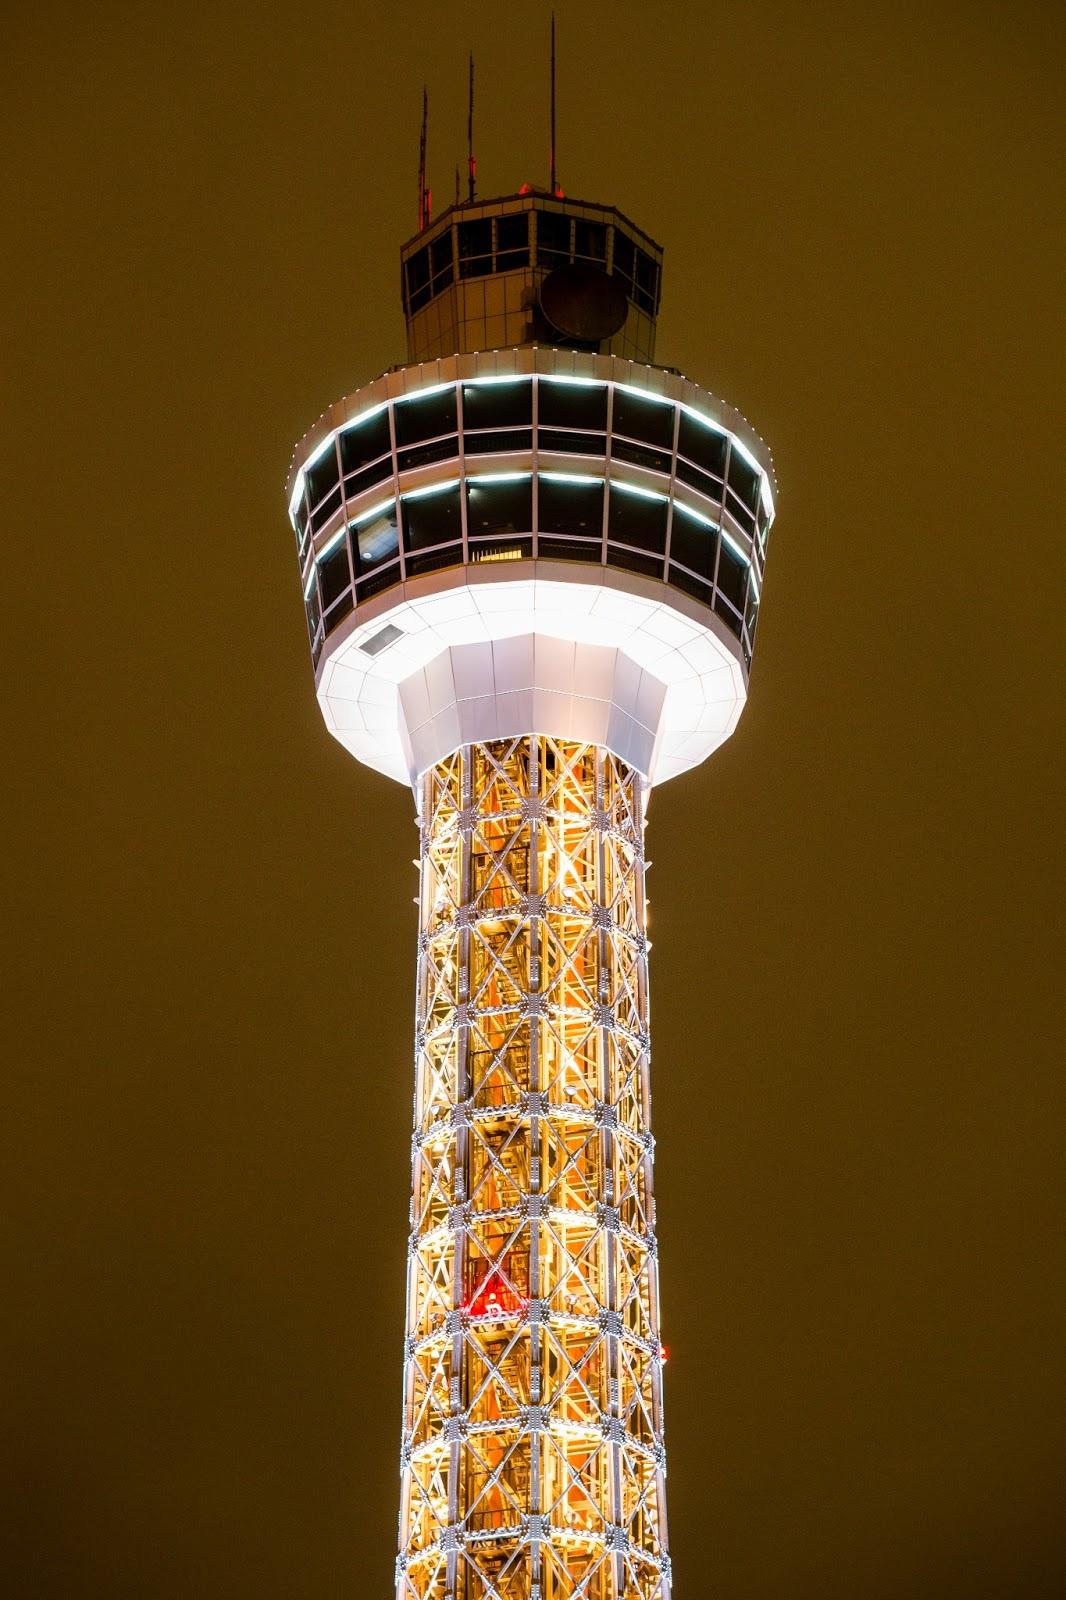 横浜マリンタワーの写真